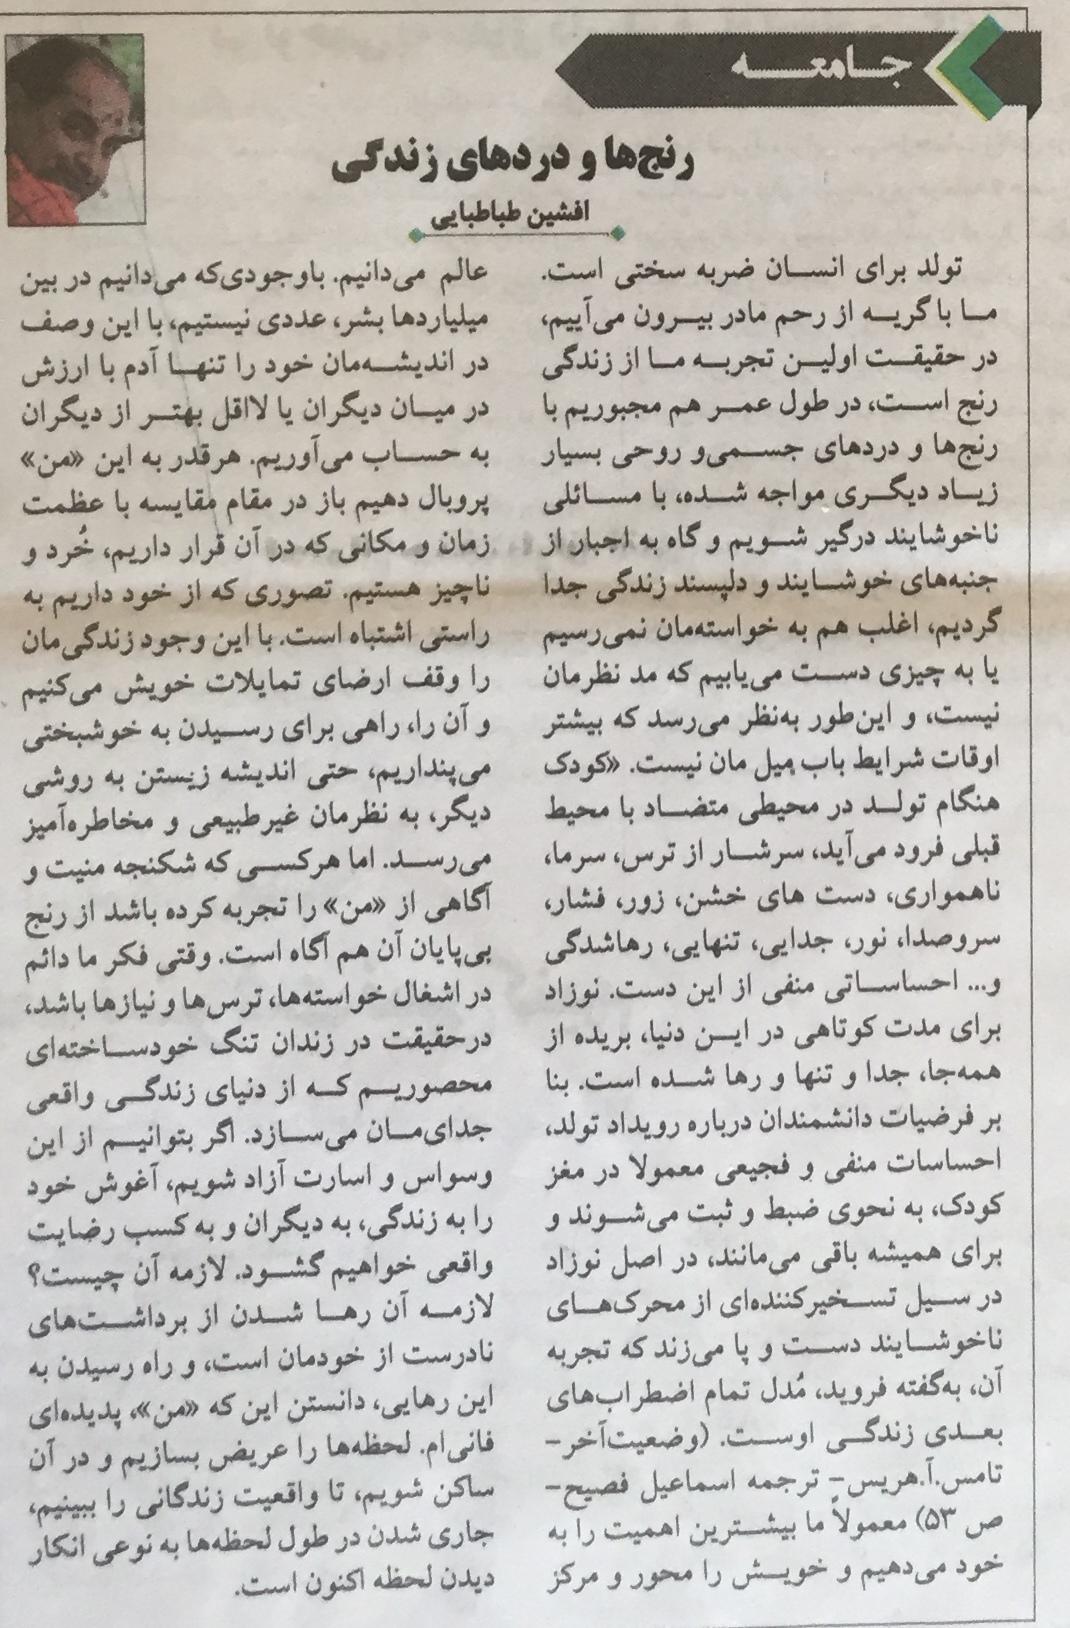 روزنامه: رنجها و دردهای زندگی - دکتر طباطبایی